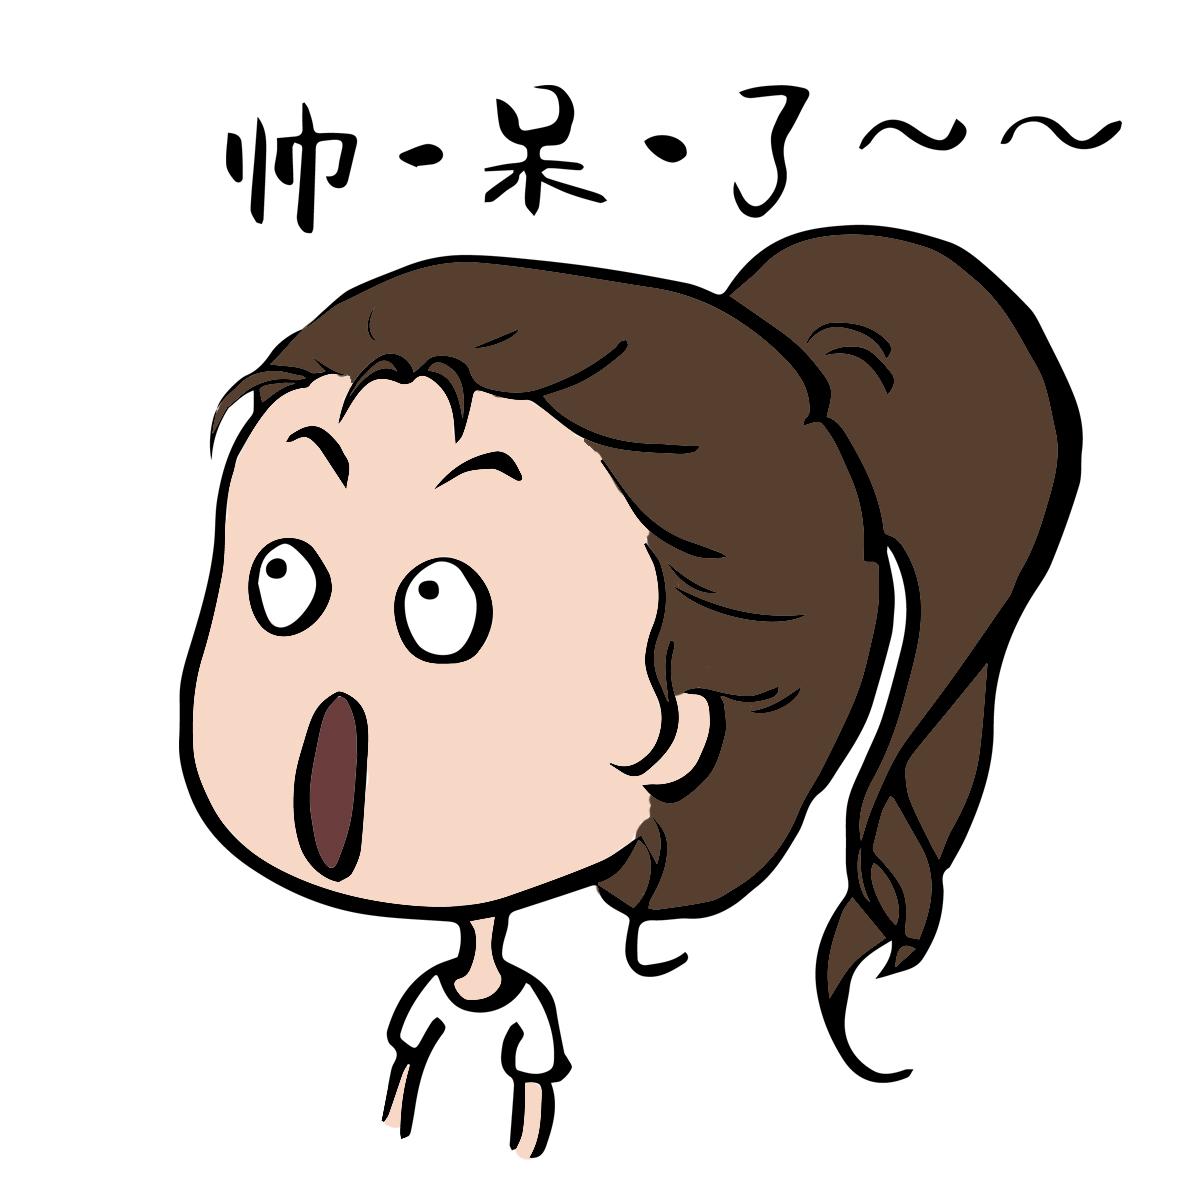 花痴小啵的男神表情包 插画 商业插画 ALLLIFE